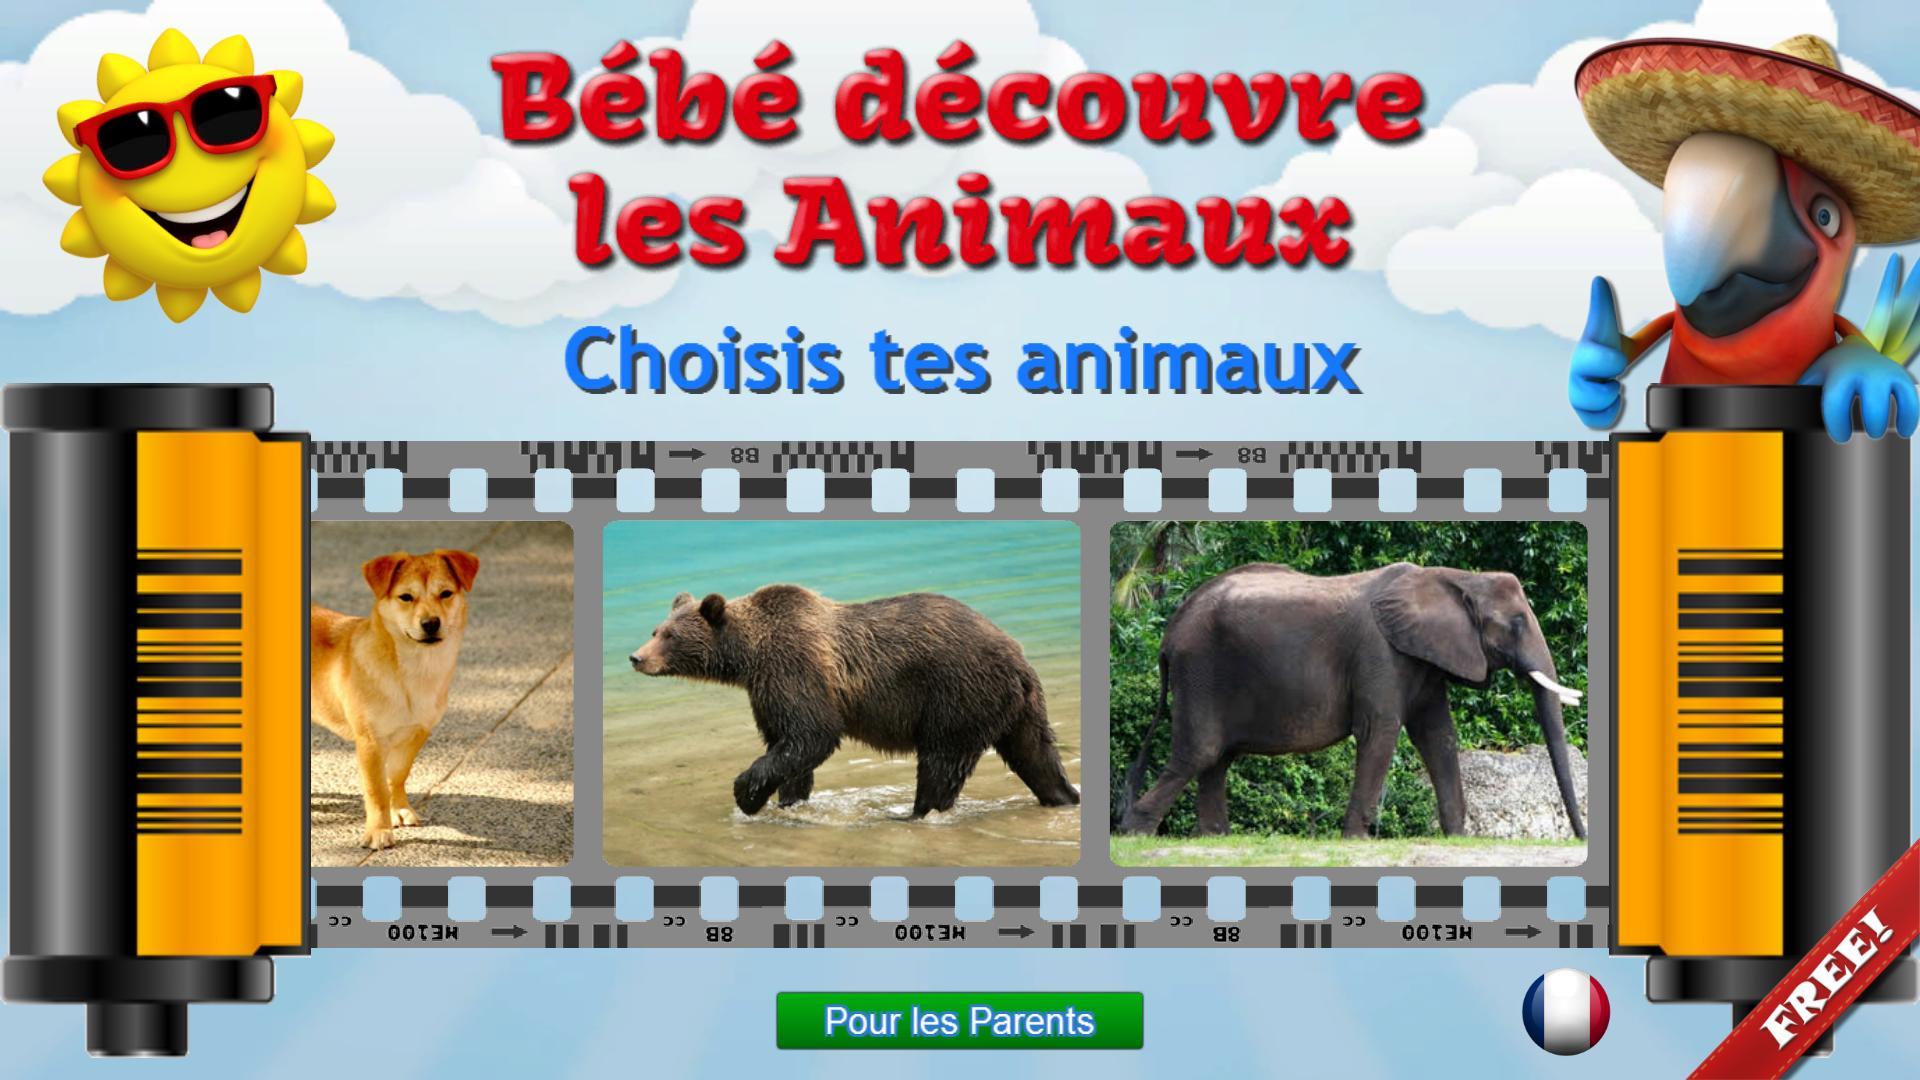 Animaux Pour Les Enfants, Jeux Bébé Gratuit Pour Android encequiconcerne Jeux De Bébé Animaux Gratuit